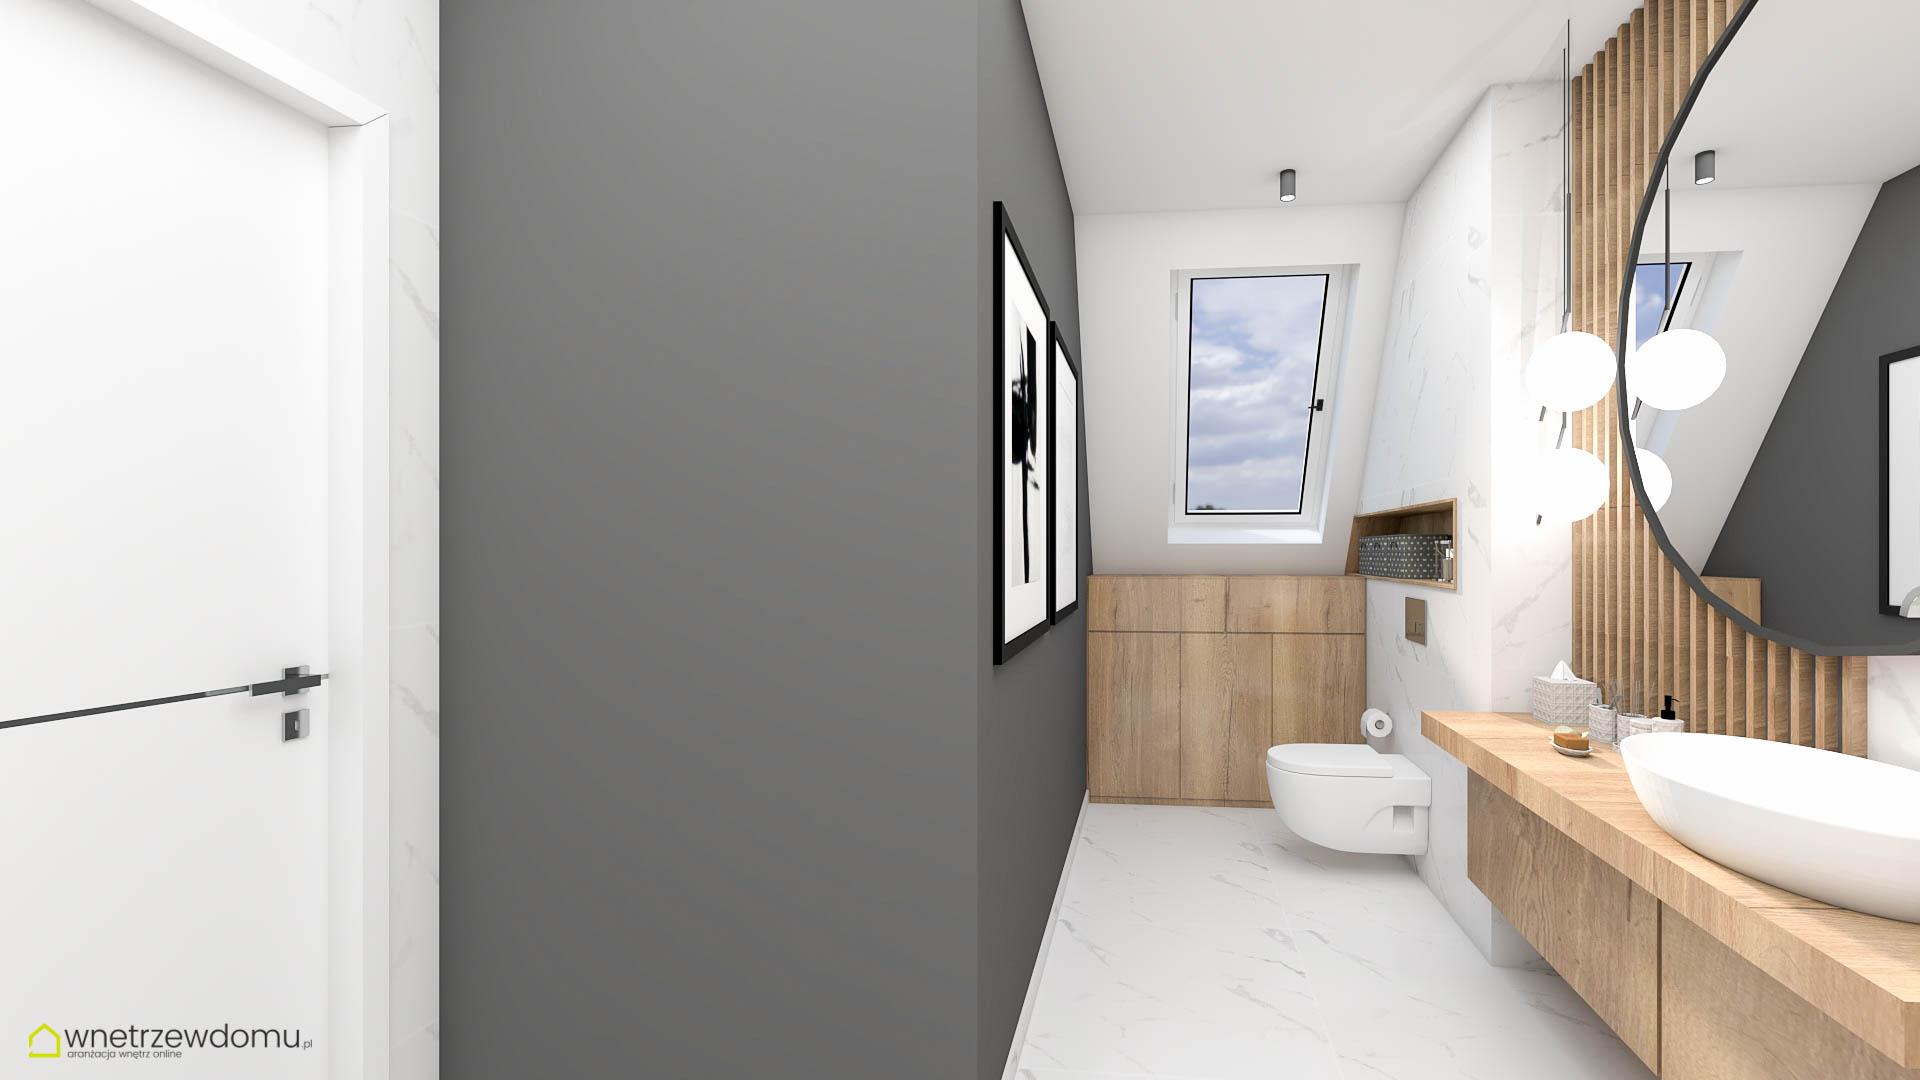 wiz-001 łazienka wnetrzewdomu